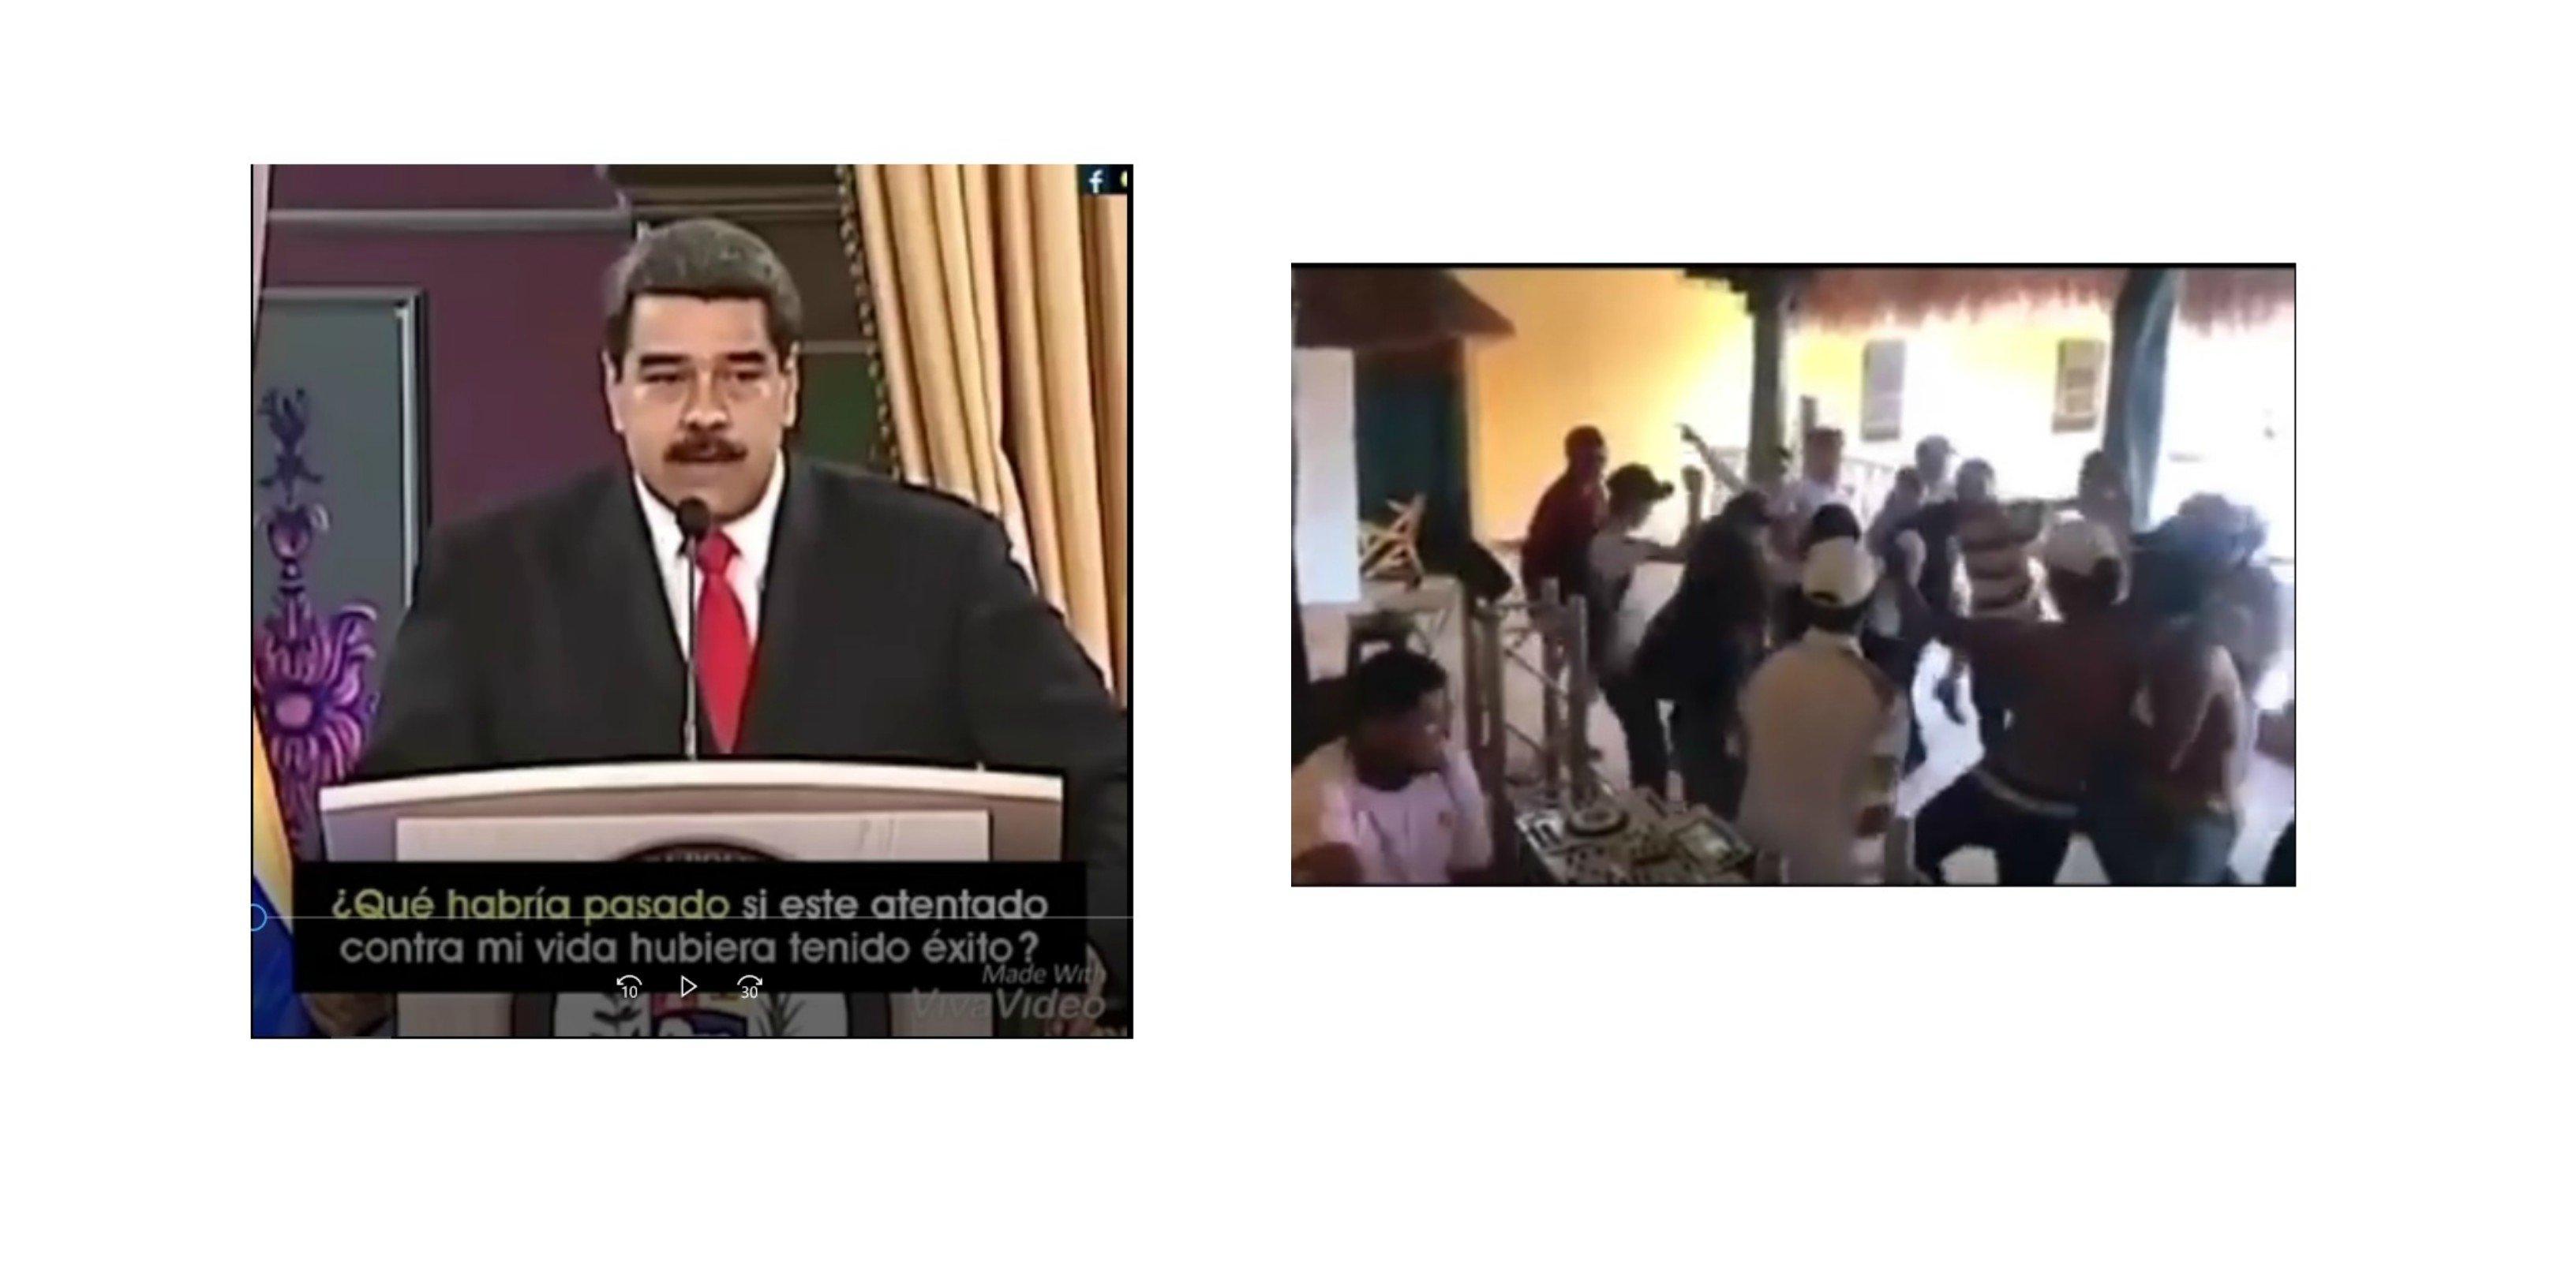 Maduro pregunta qué pasaría si un atentado contra él tuviera éxito... y el pueblo le responde